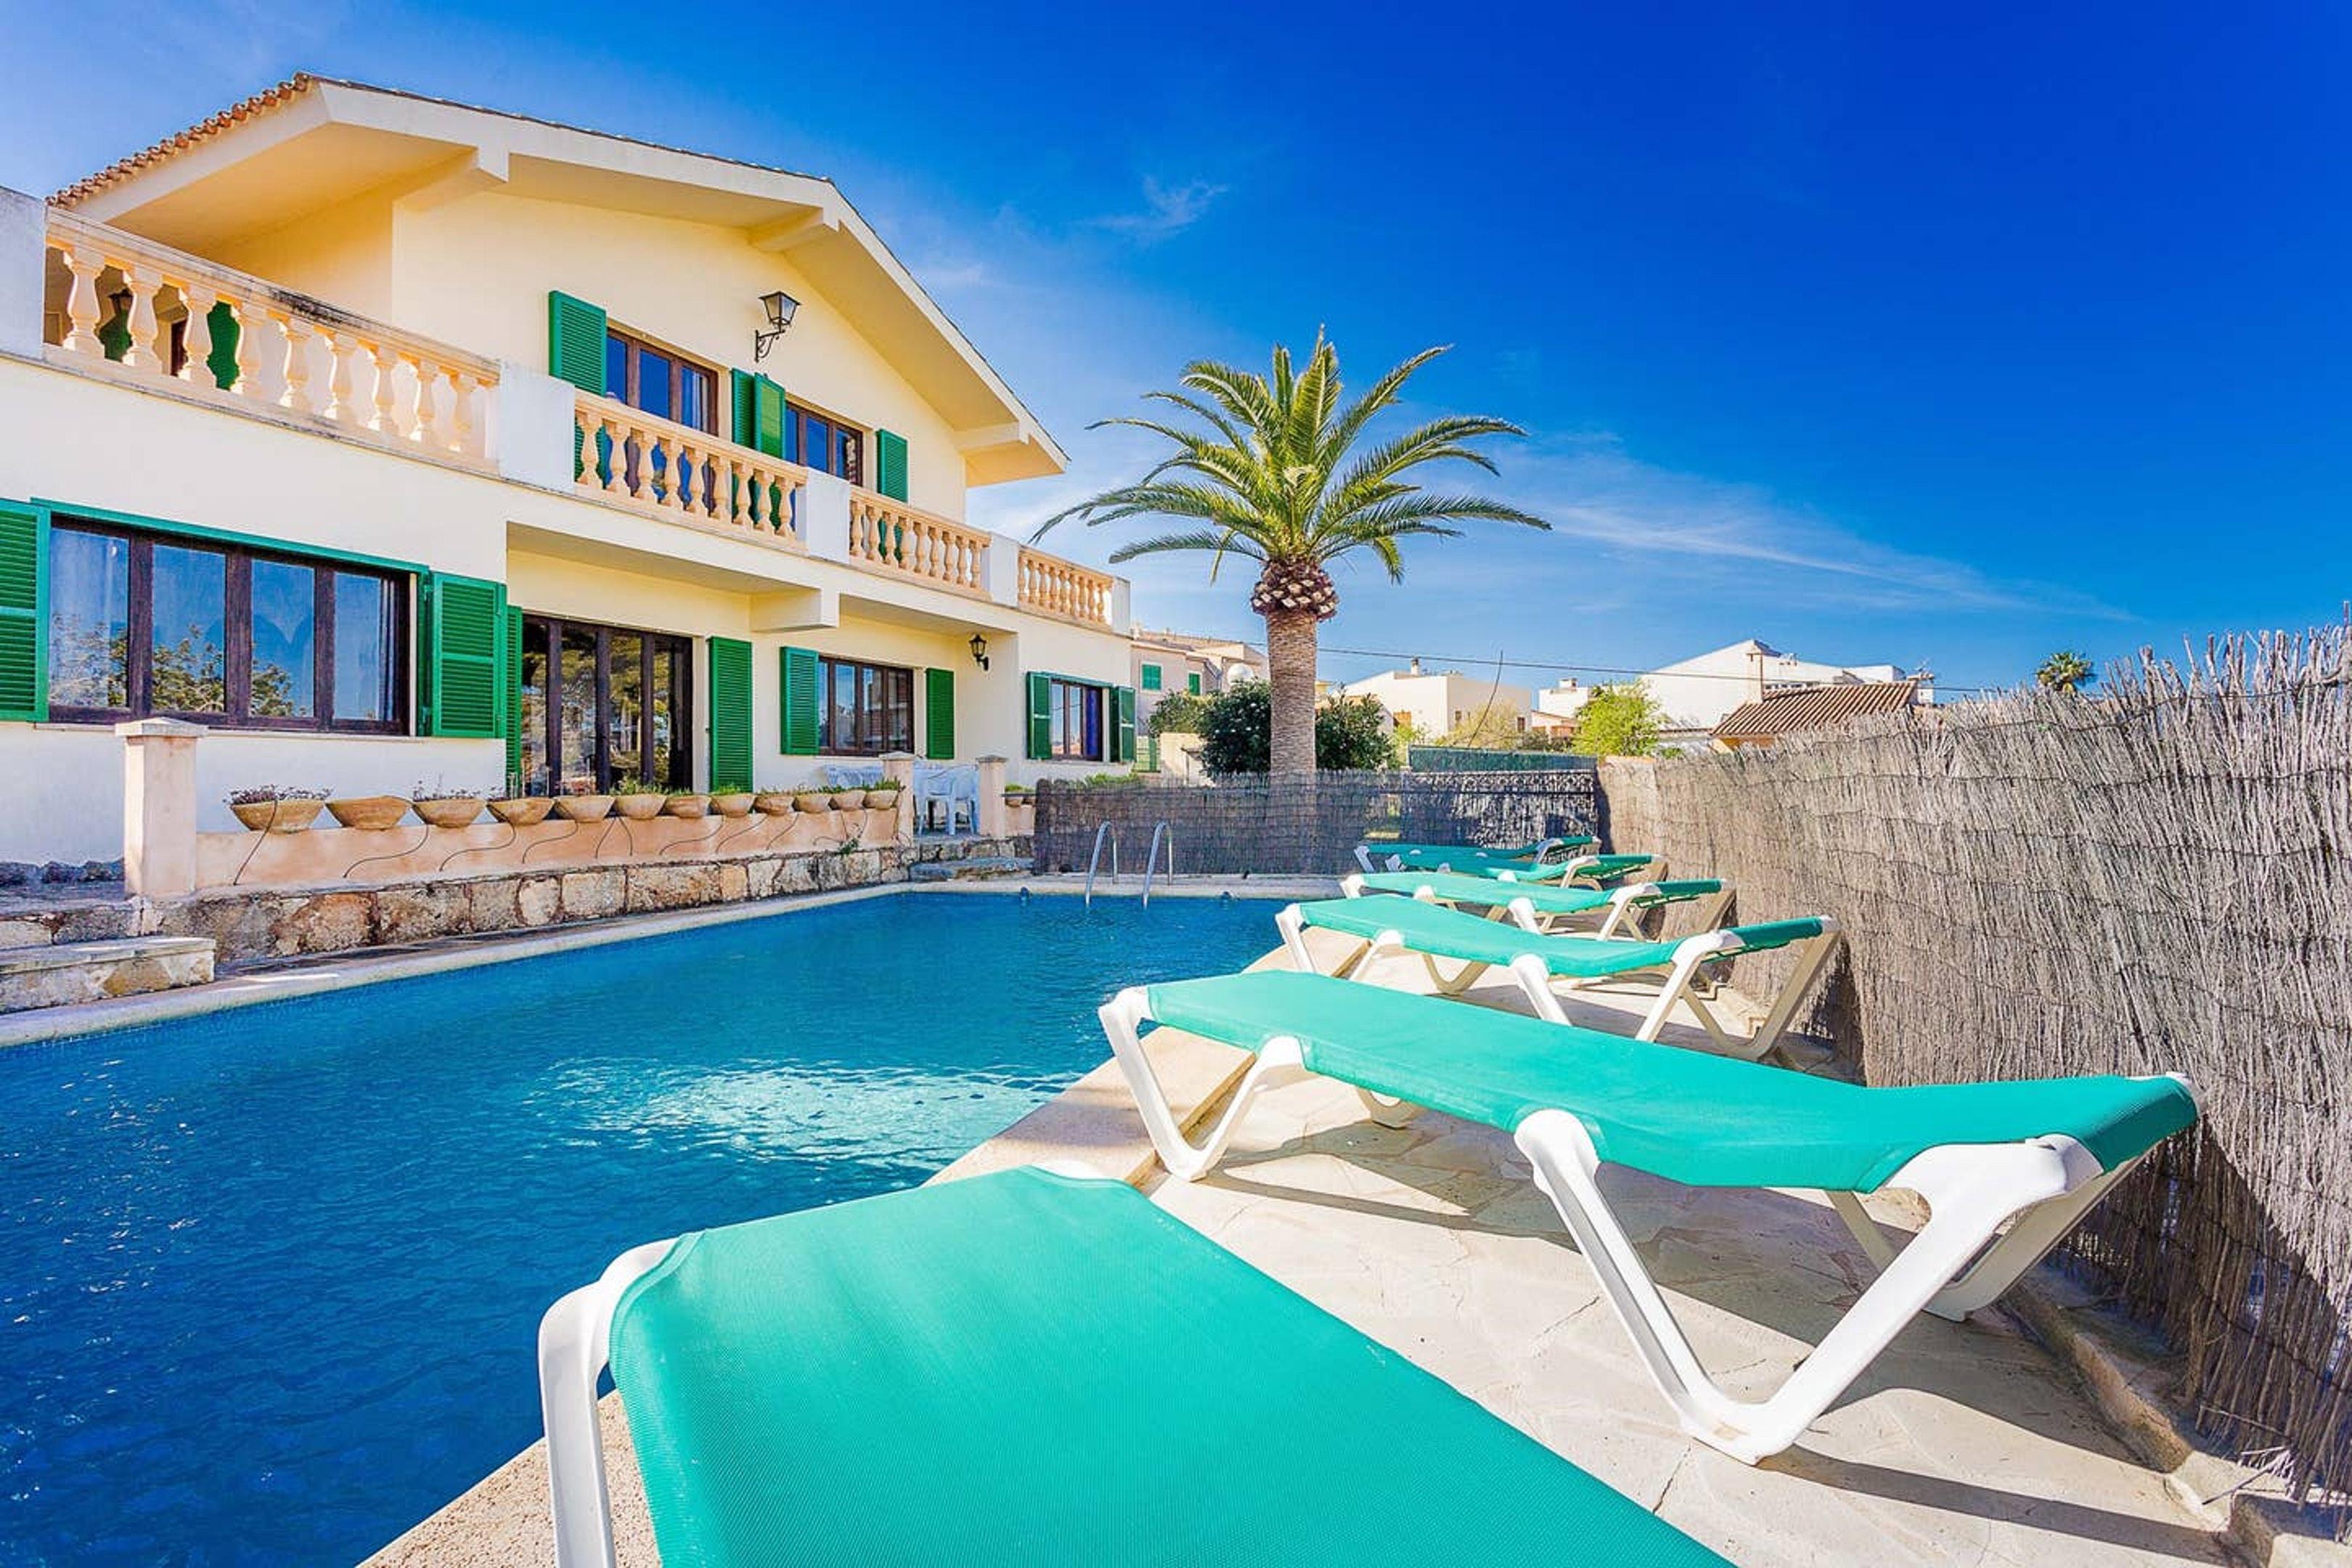 Villa mit 5 Schlafzimmern in Portocolom mit schöner Aussicht auf die Stadt privatem Pool eingezäuntem Garten 900 m vom Strand entfernt